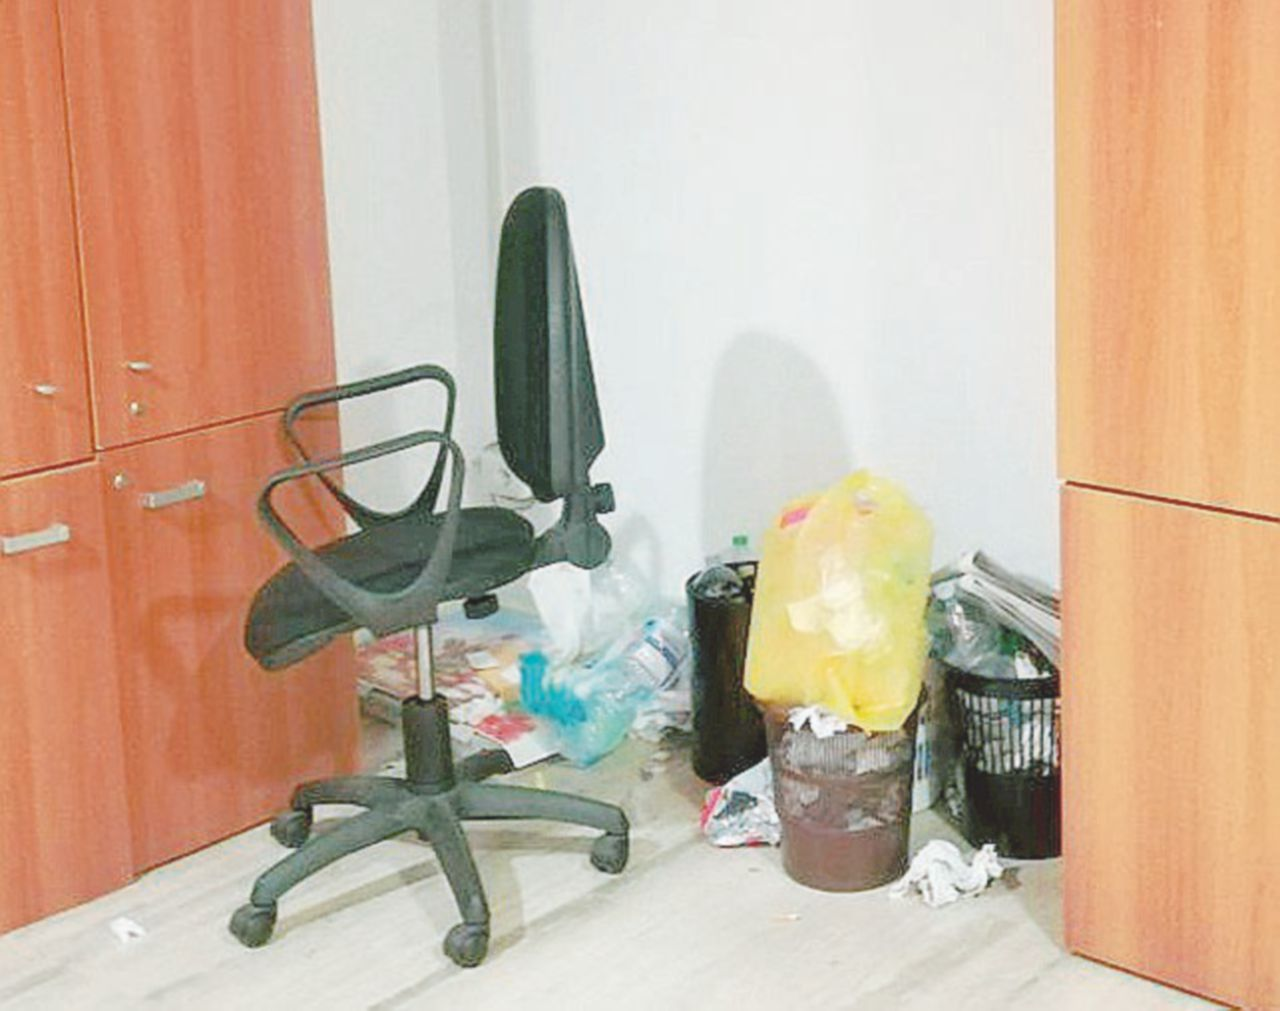 La Provincia di Caserta chiusa per rifiuti: niente soldi per gli spazzini